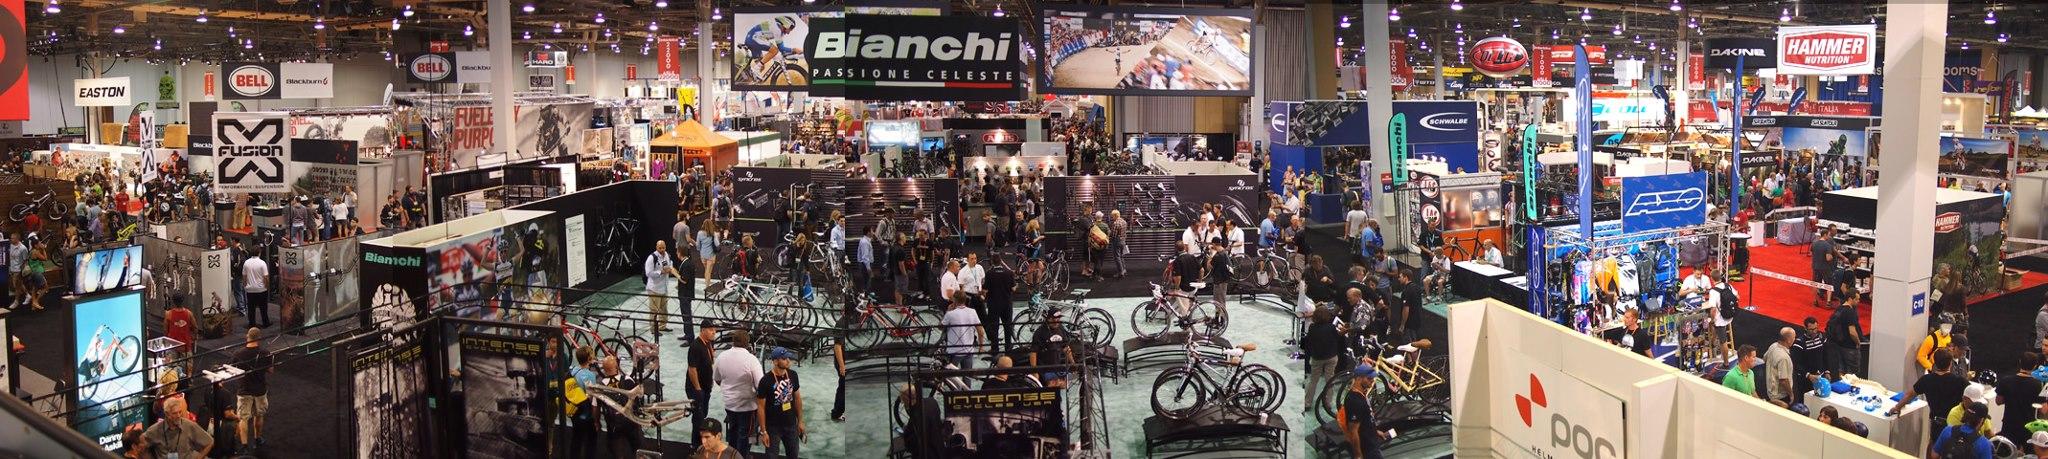 Interbike Show Floor